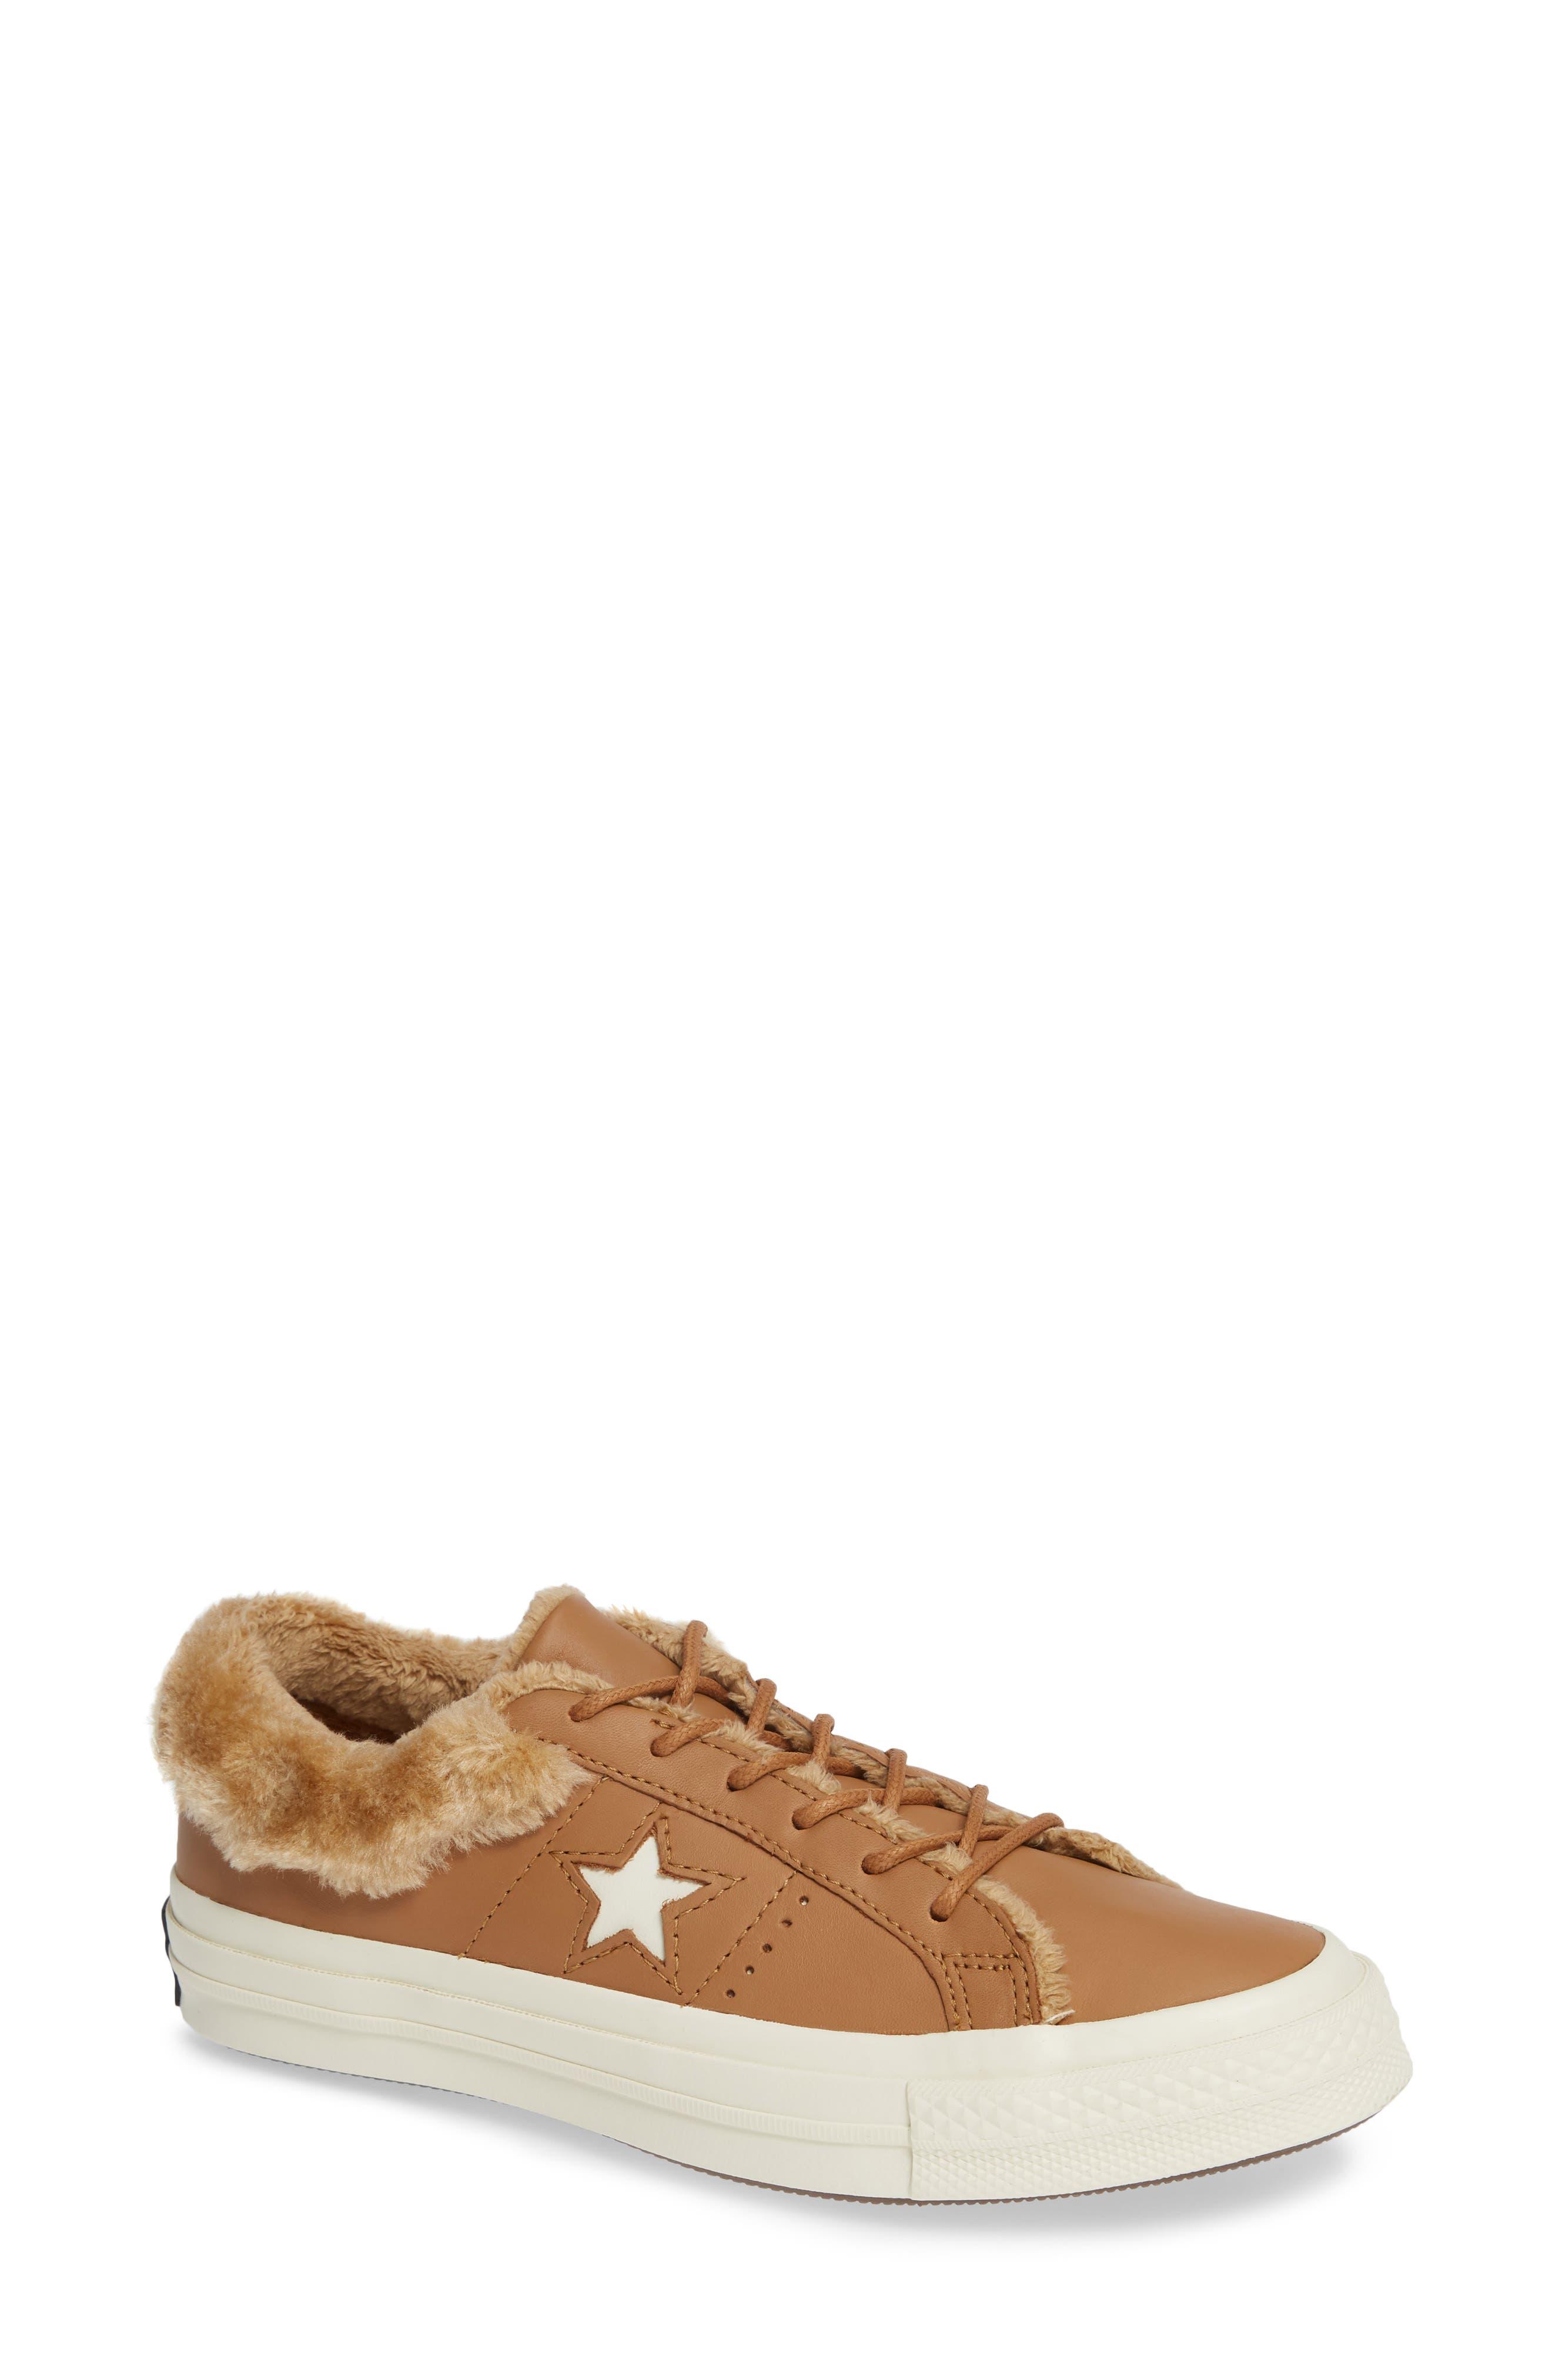 One Star Street Warmer Faux Fur Lined Low Top Sneaker in Burnt Caramel